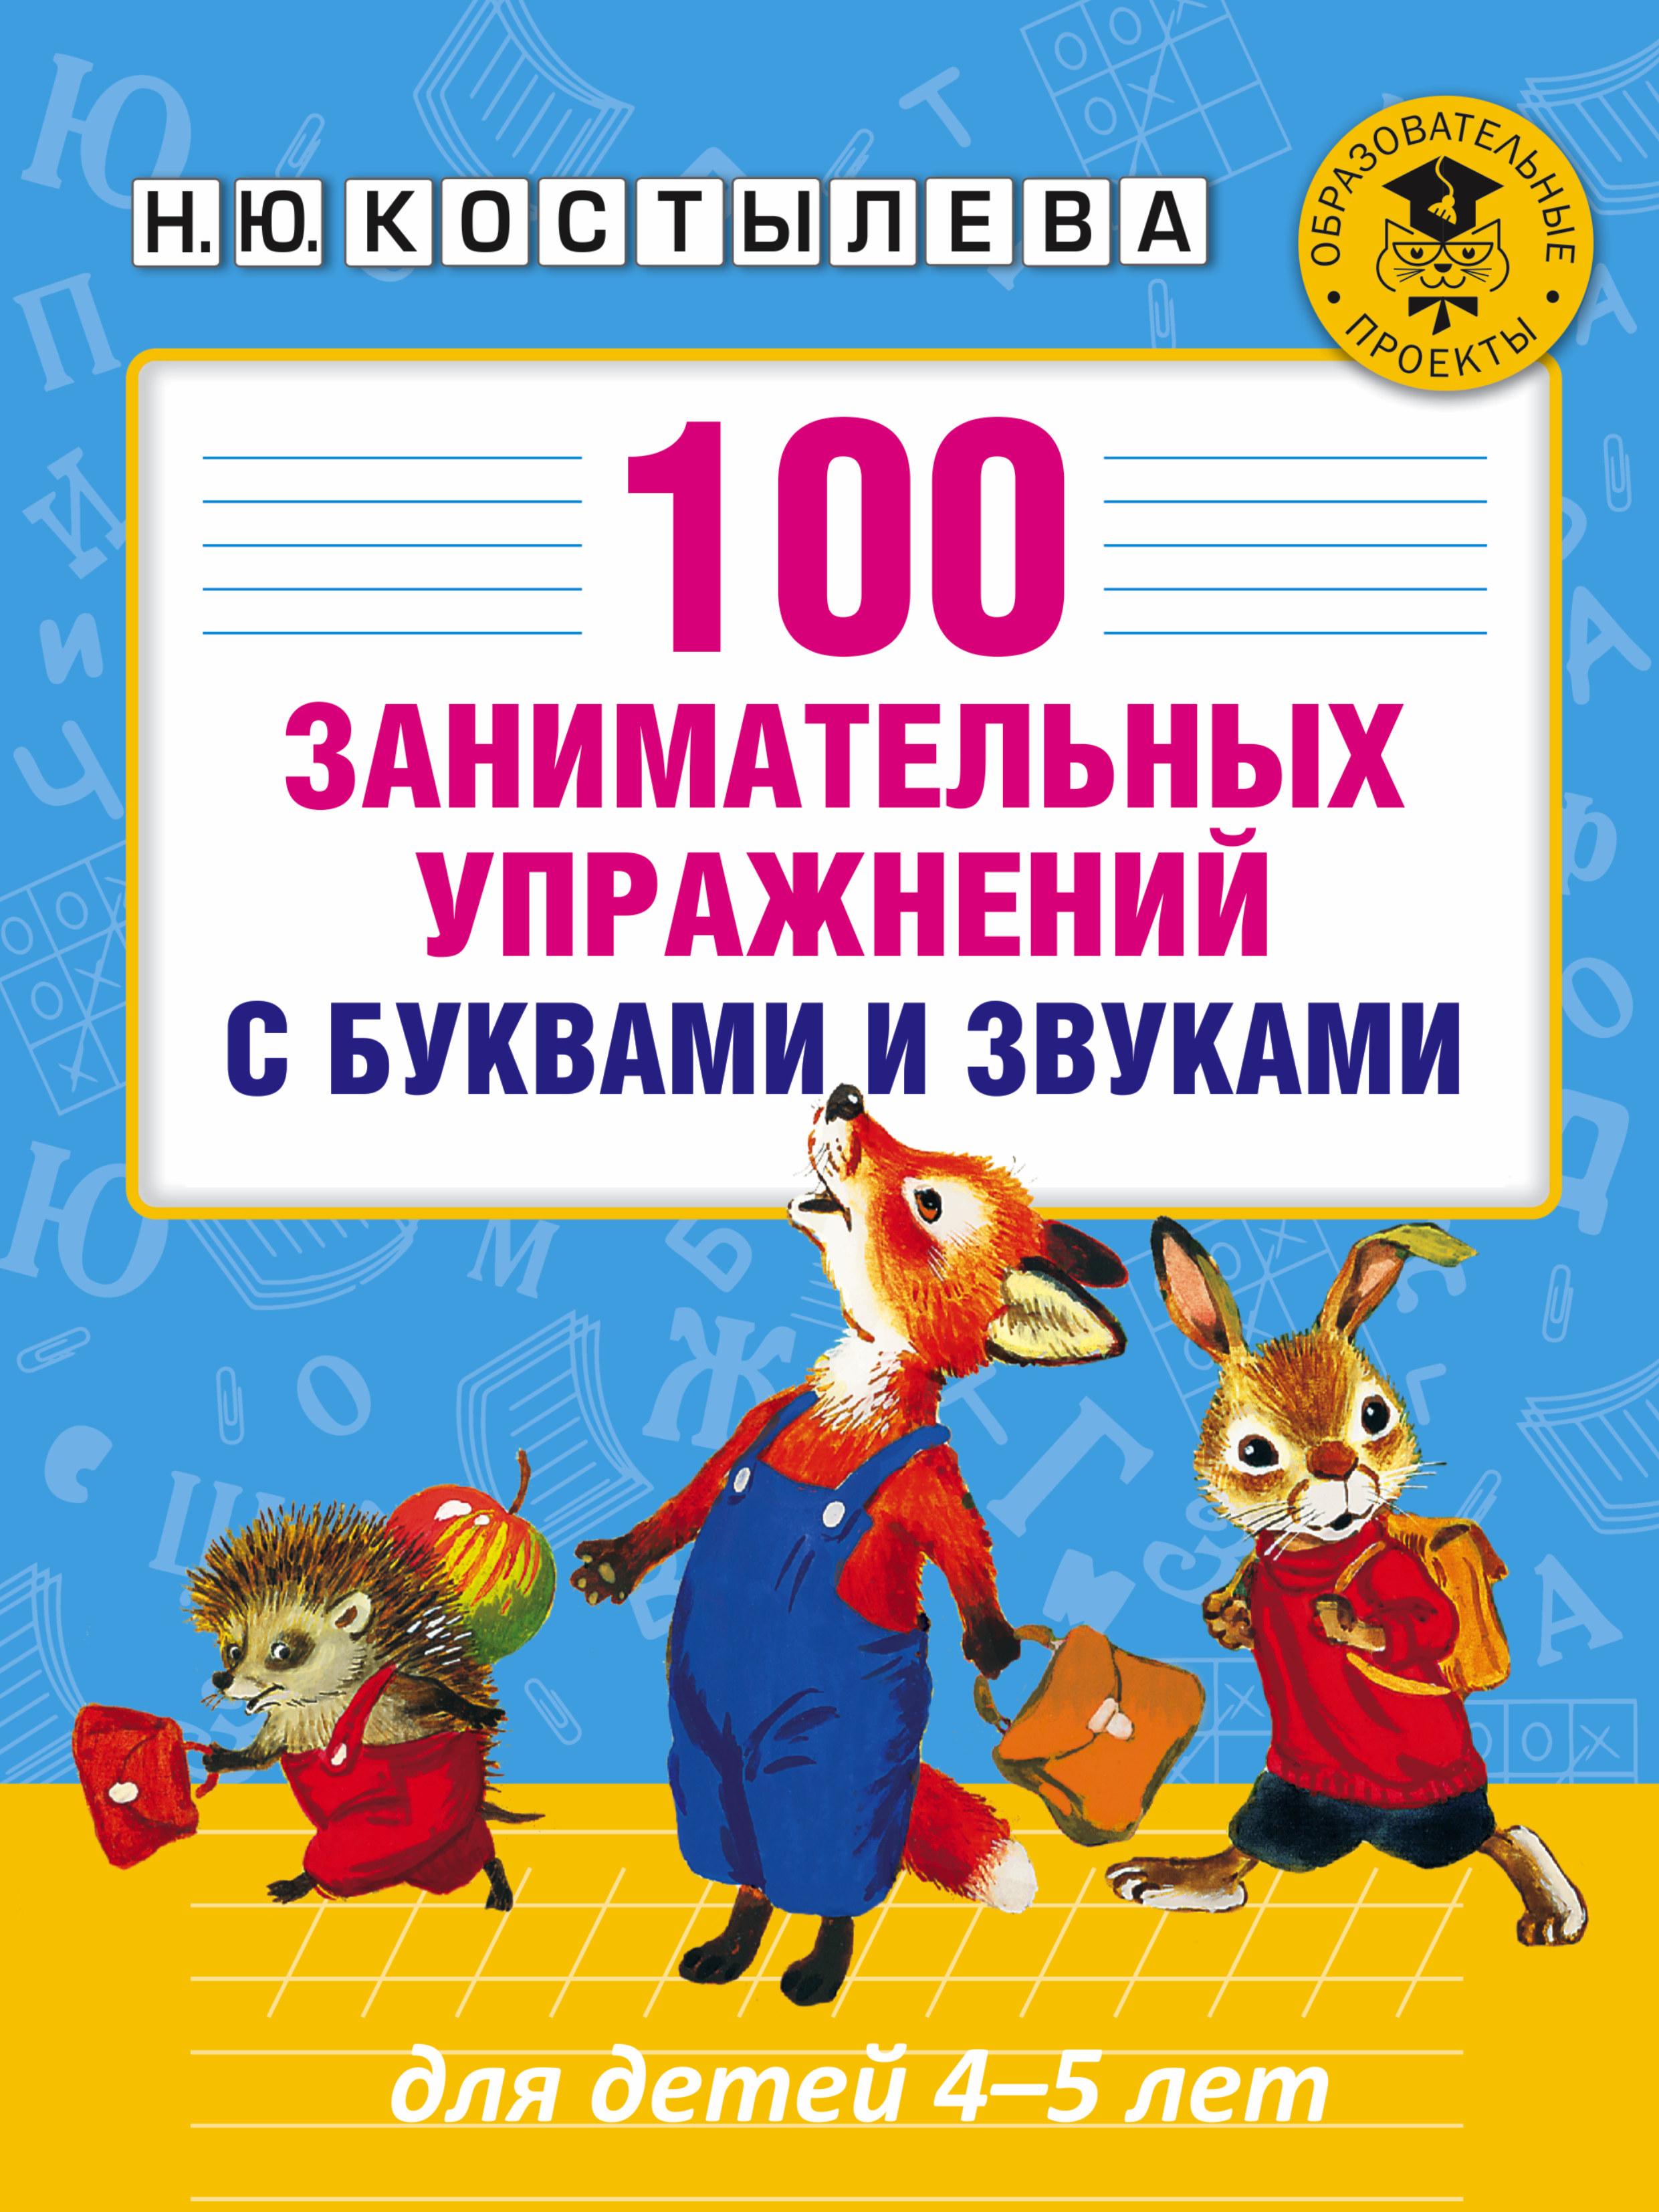 Костылева Н.Ю. 100 занимательных упражнений с буквами и звуками для детей 4-5 лет новиковская о а 300 упражнений с буквами и звуками